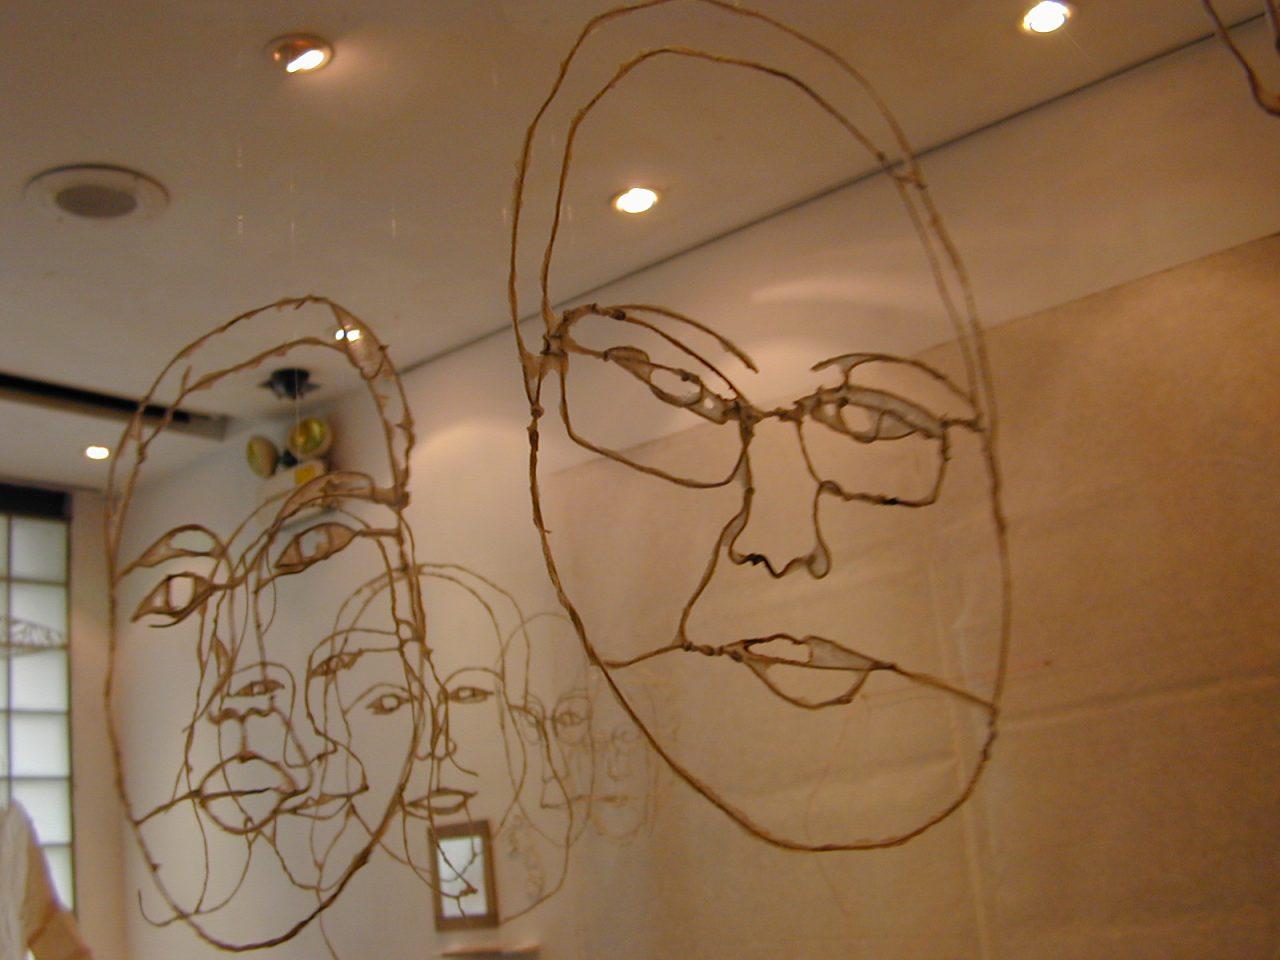 メイン写真:チョウ・モン・イェ ワークショップ「Line Object ワイヤーでじぶんの『顔』を作ろう」